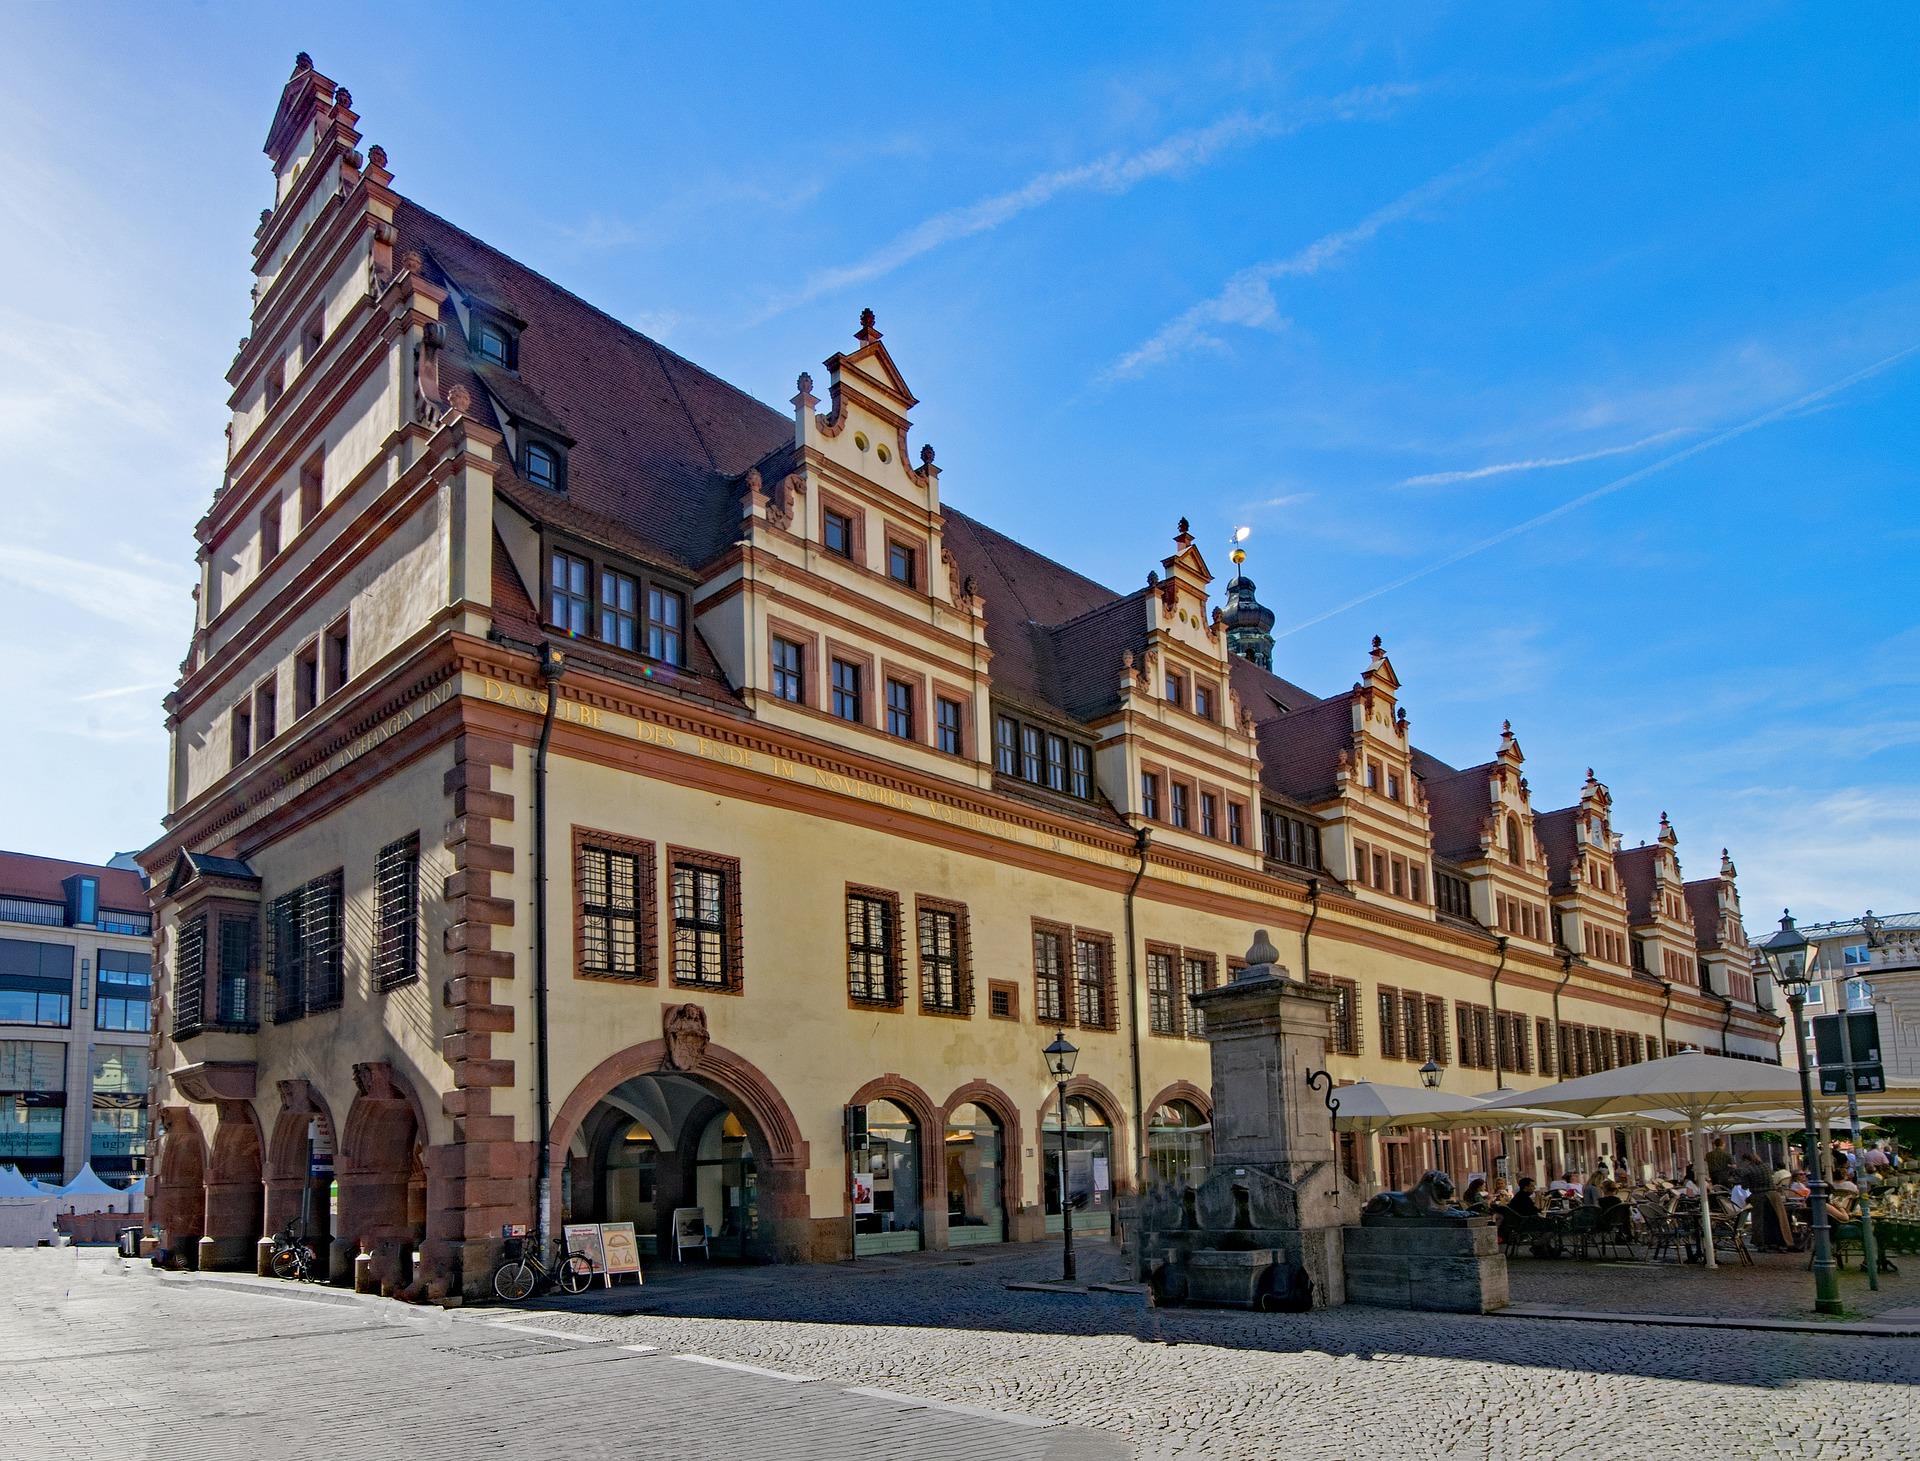 Fassadenputz - Fassadengestaltung und Fassadensanierung in Halle, Leipzig und Umgebung